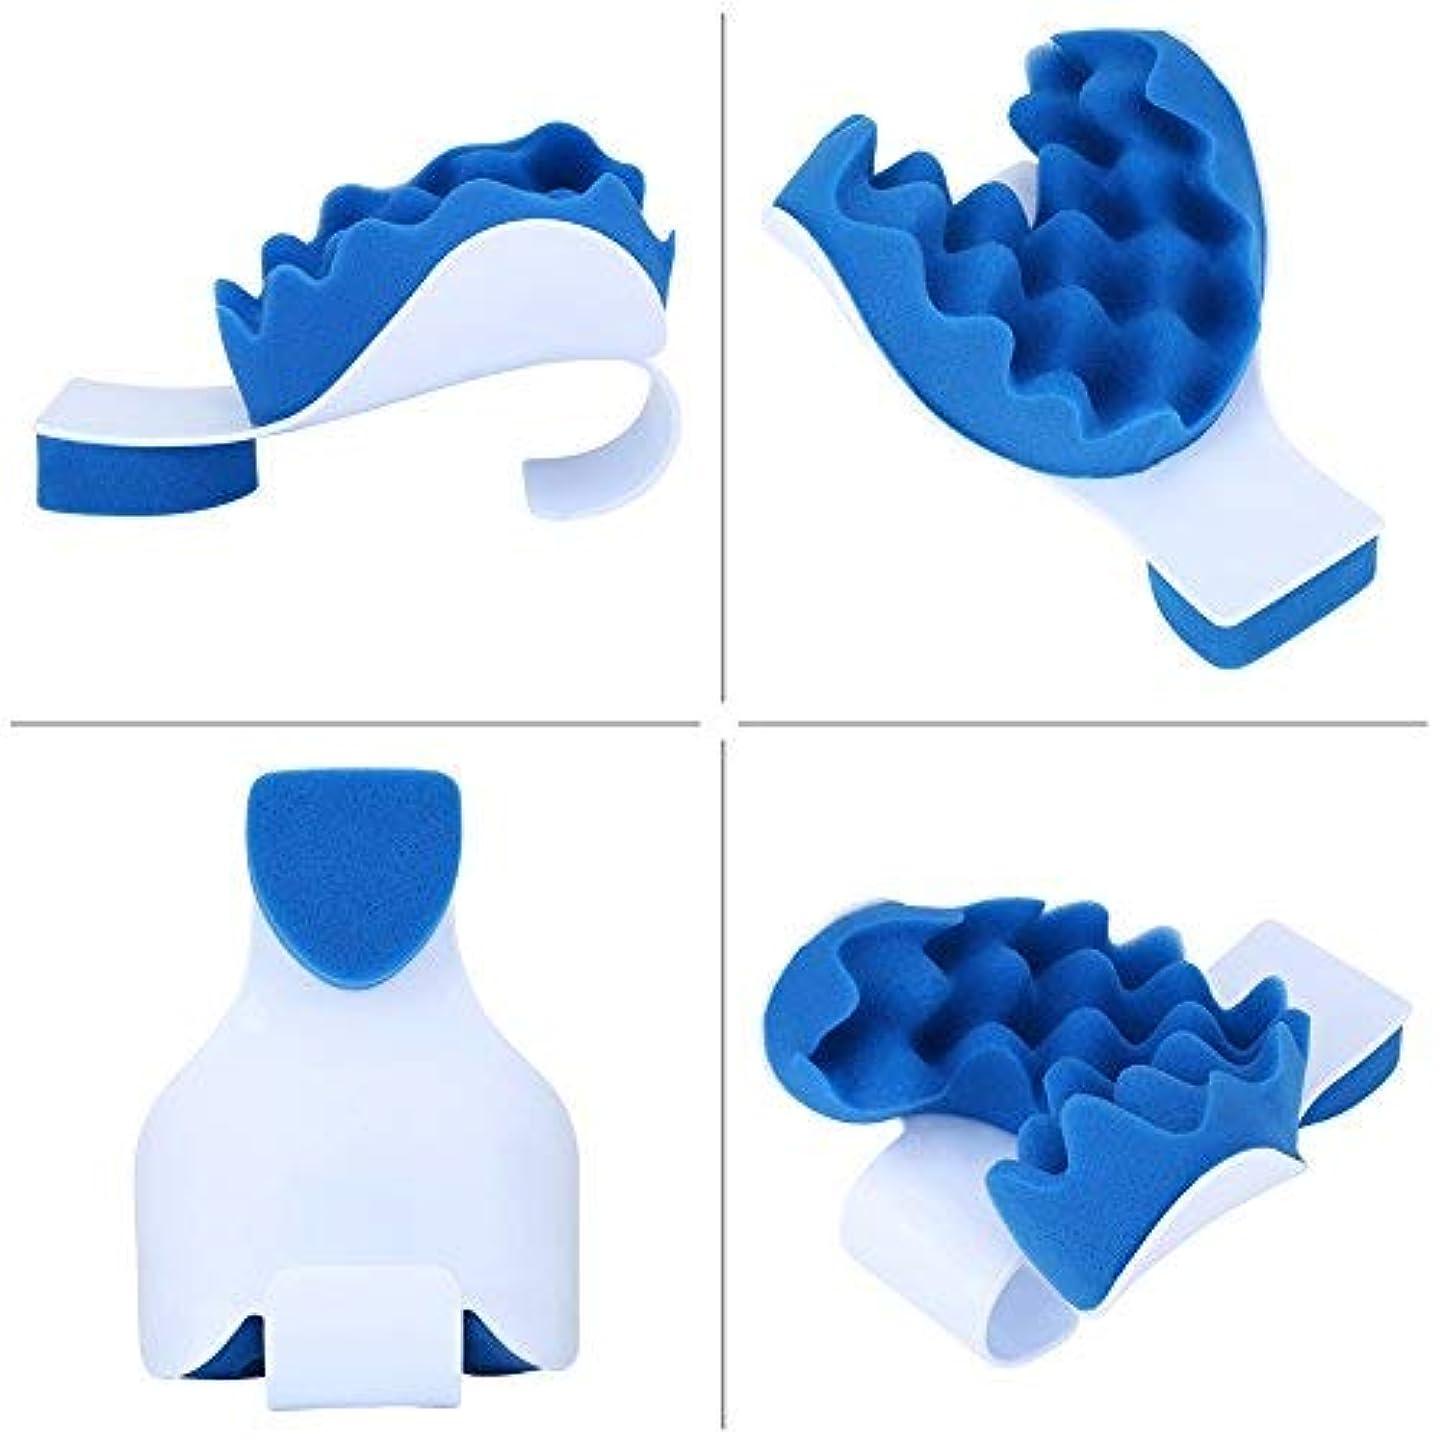 ネックピロー 高弾性スポンジピロー 首/肩疲労の解消 リラクス マッサージ 肩こり 首こり 改善 携帯枕 人間工学 小型 軽量 車載旅行 オフィス 自宅用